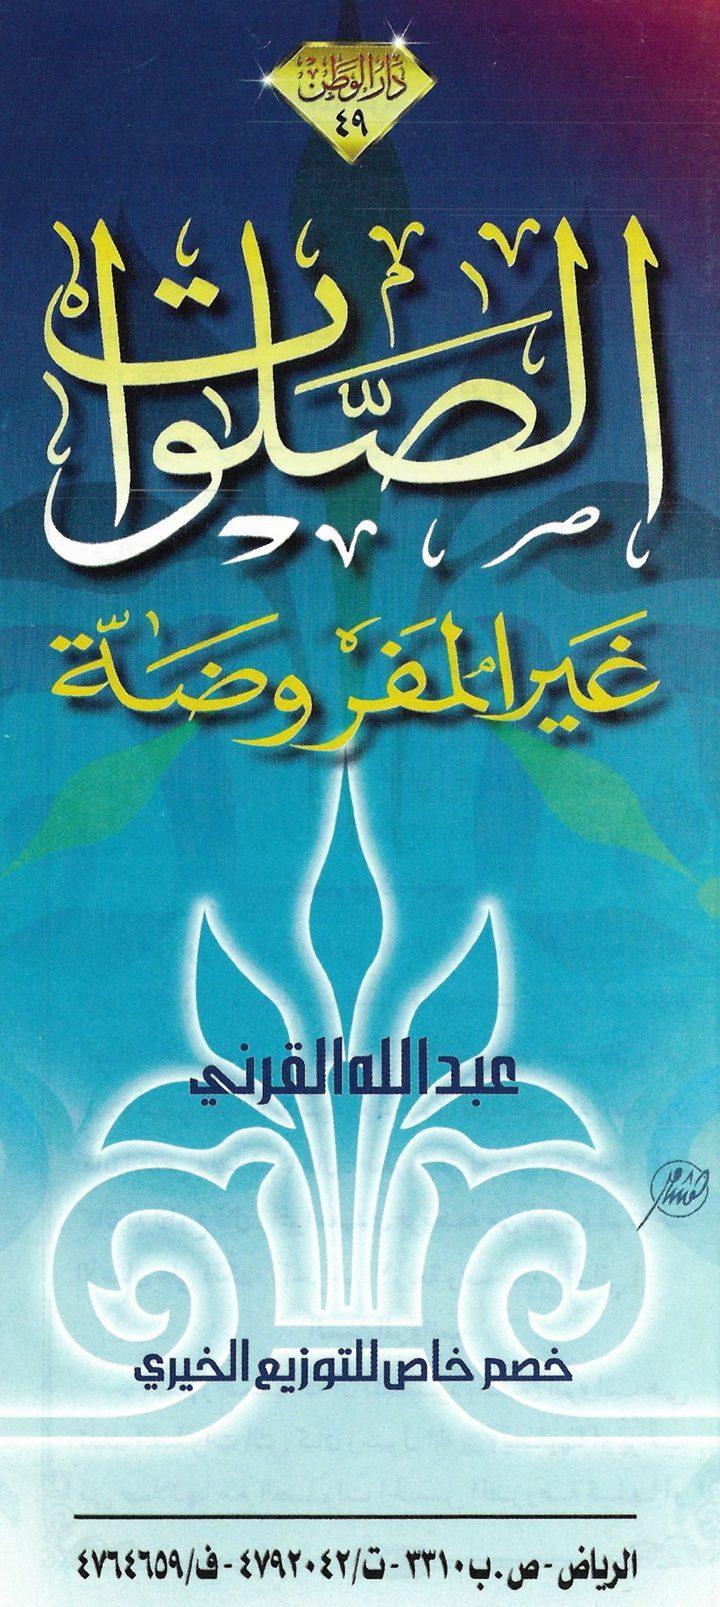 الصلوات غير المفروضة (عبد الله القرني – دار الوطن)